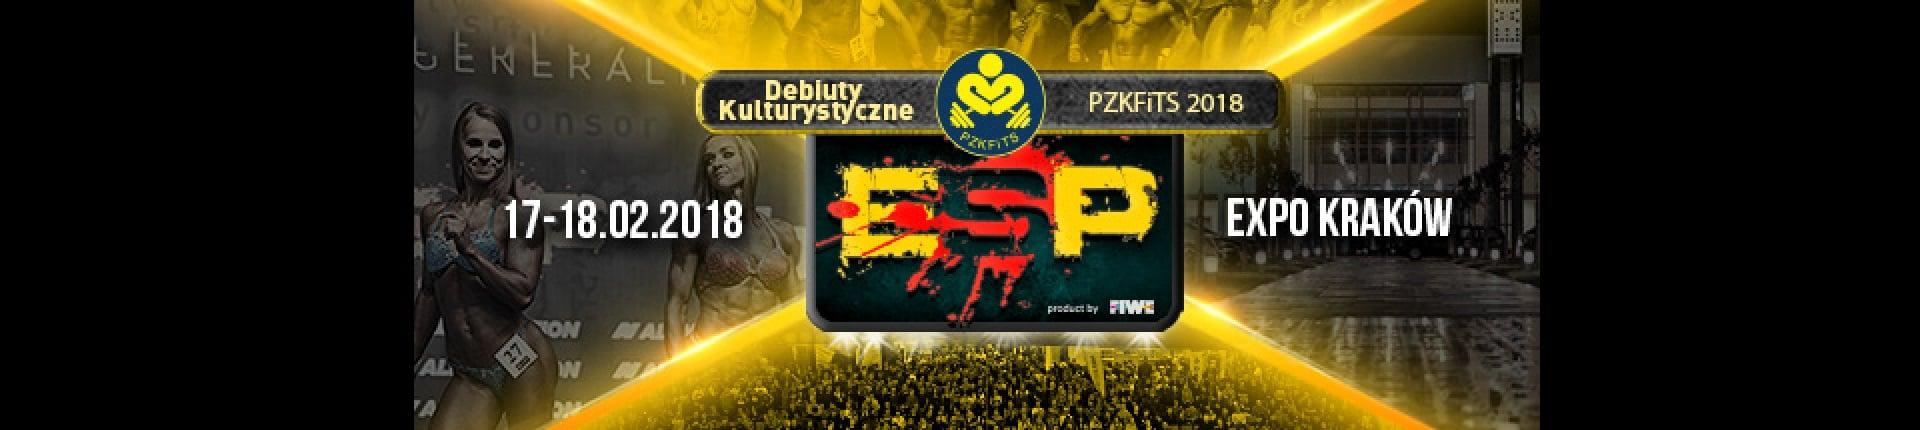 ZAPRASZAMY NA DEBIUTY 2018 ESP EUROPE SPORT POWER - 17-18.02.2018